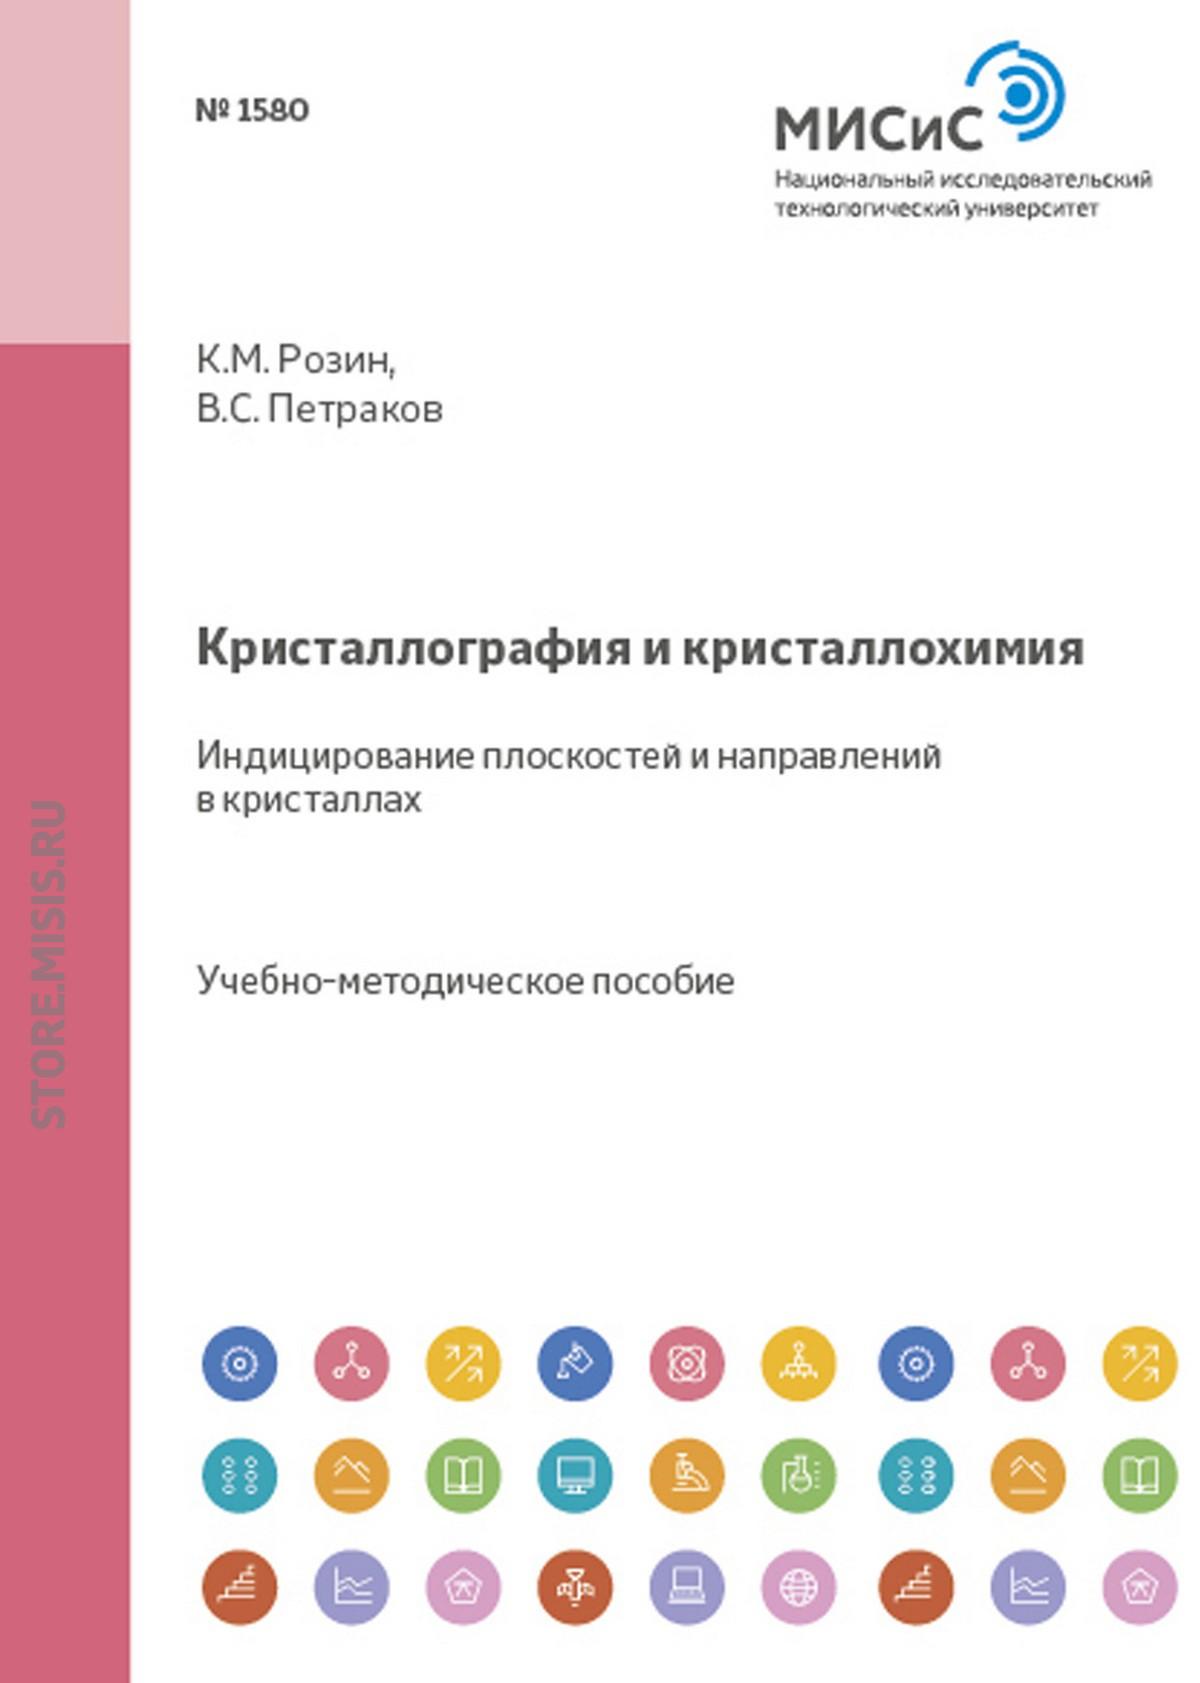 В. С. Петраков Кристаллография и кристаллохимия. Индицирование плоскостей и направлений в кристаллах